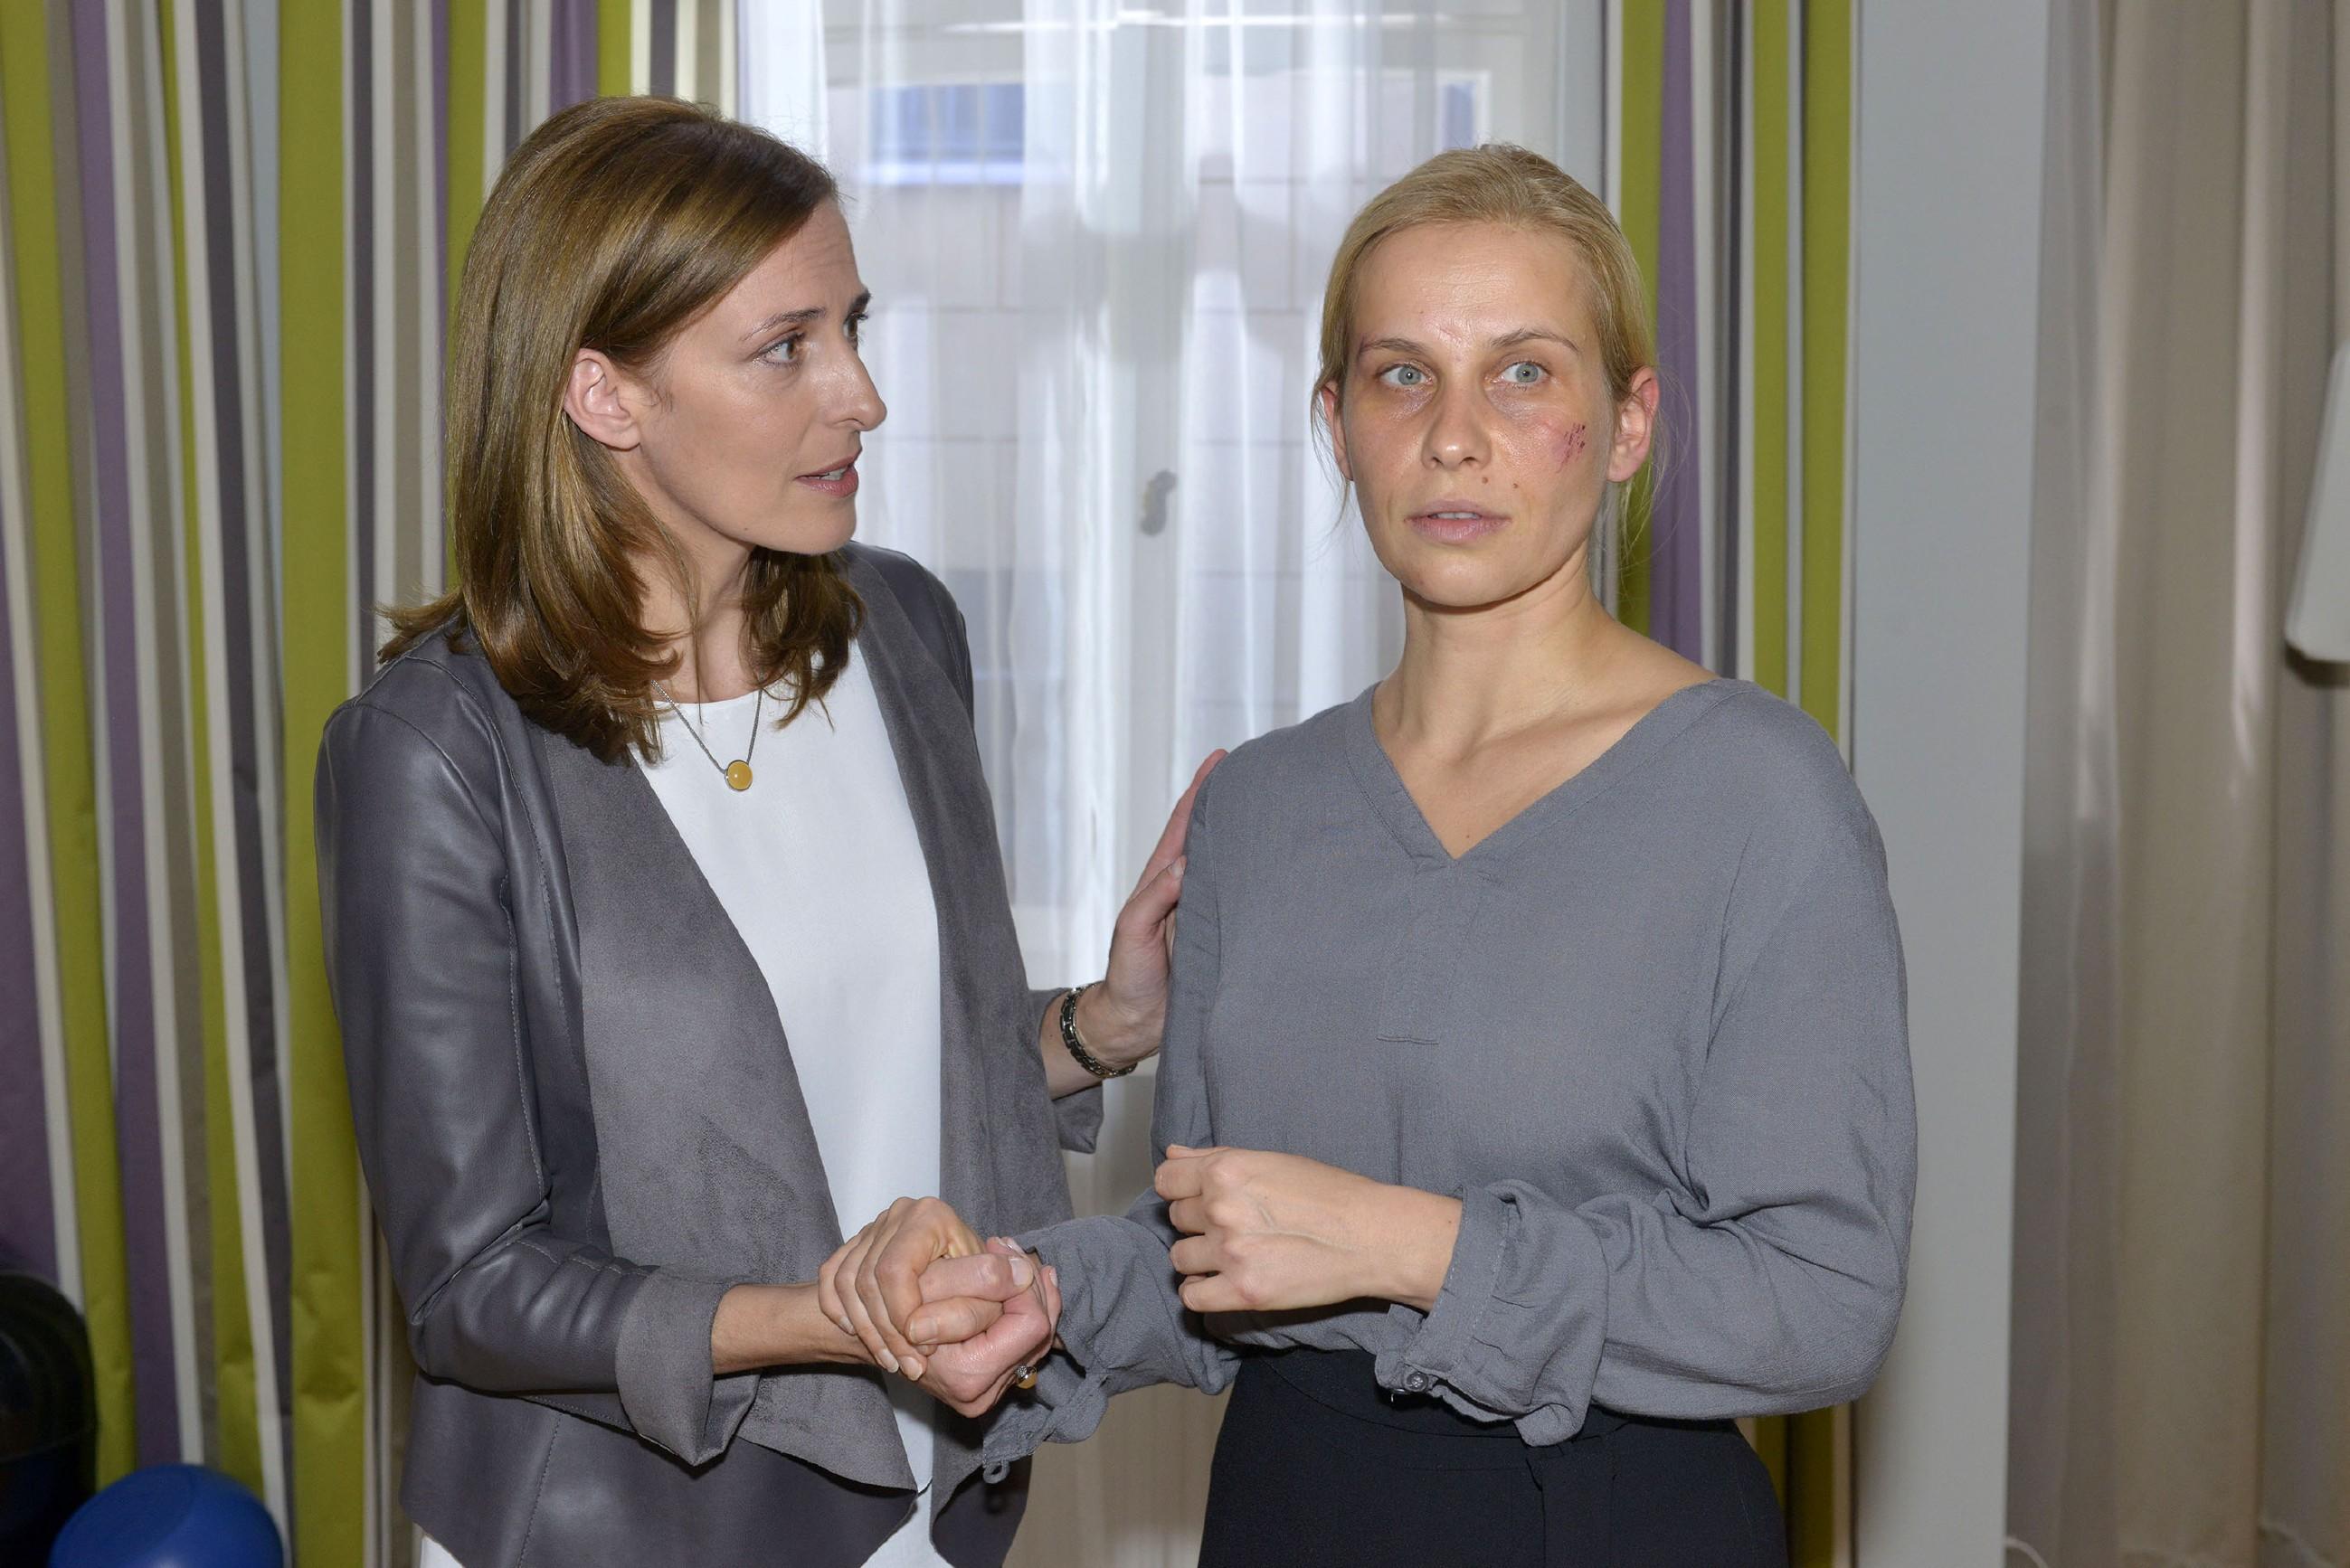 Anna (Suzanne Kockat, r.) wurde von Katrin (Ulrike Frank) aus dem Krankenhaus abgeholt und beginnt sich allmählich an ihre Begegnung mit Rico zu erinnern. Kommt die Wahrheit nun endlich ans Licht? (Quelle: RTL / Rolf Baumgartner)